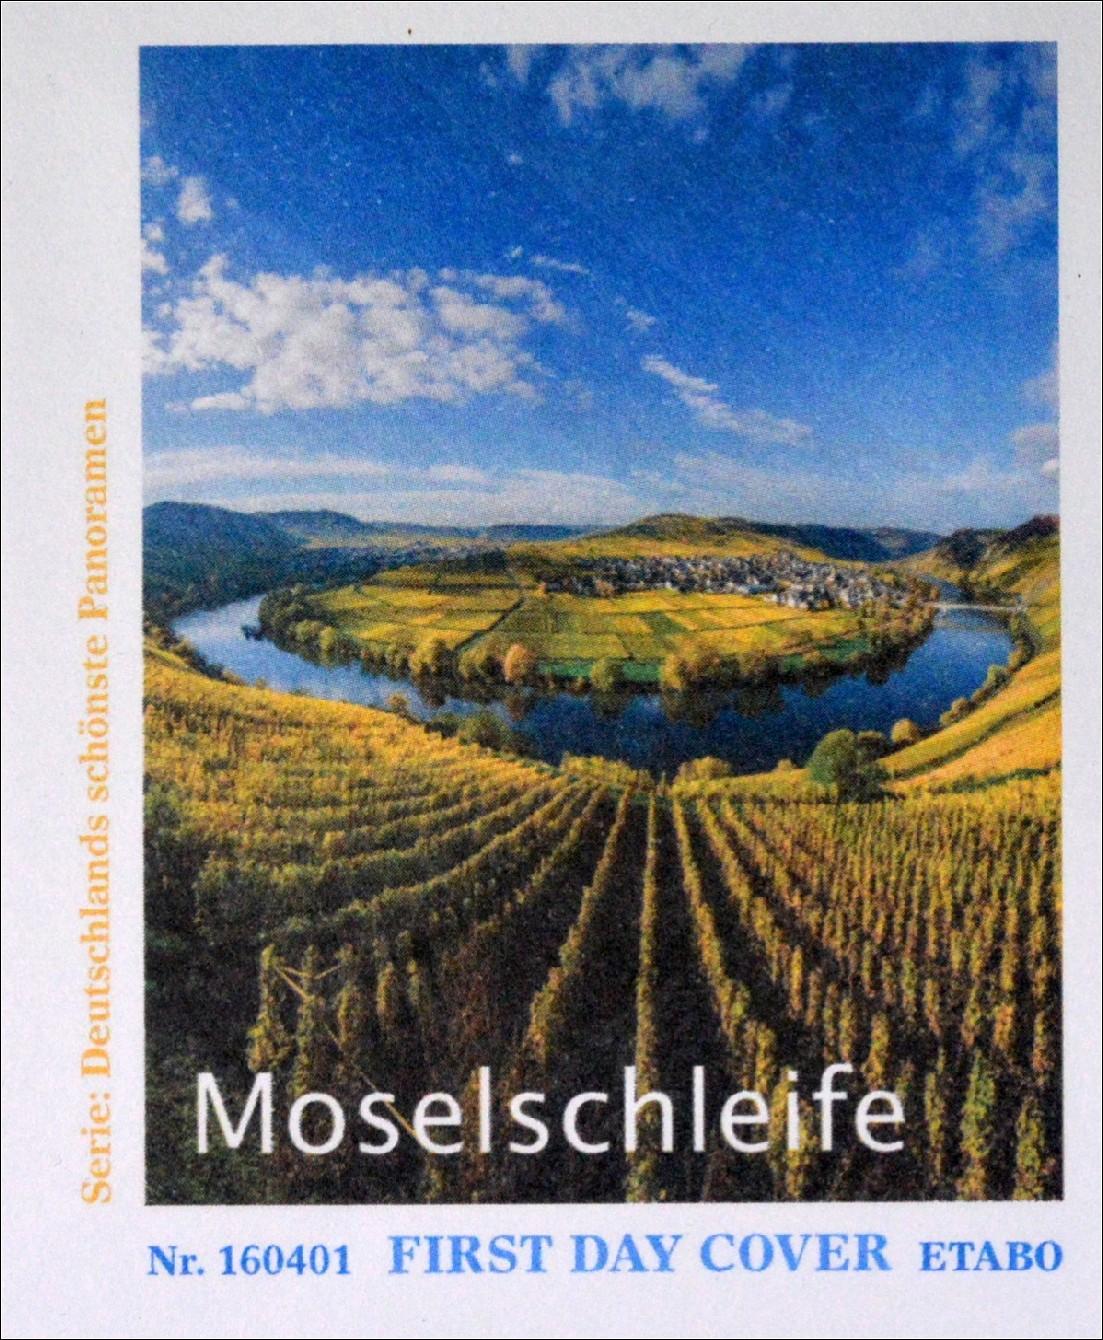 aprilgronn 3225 : Bund BRD Ersttagsbrief FDC 7. April 2016 MiNr. 3225-26 Moselschleife Panorama \u00b7 Briefmarkenhaus ...